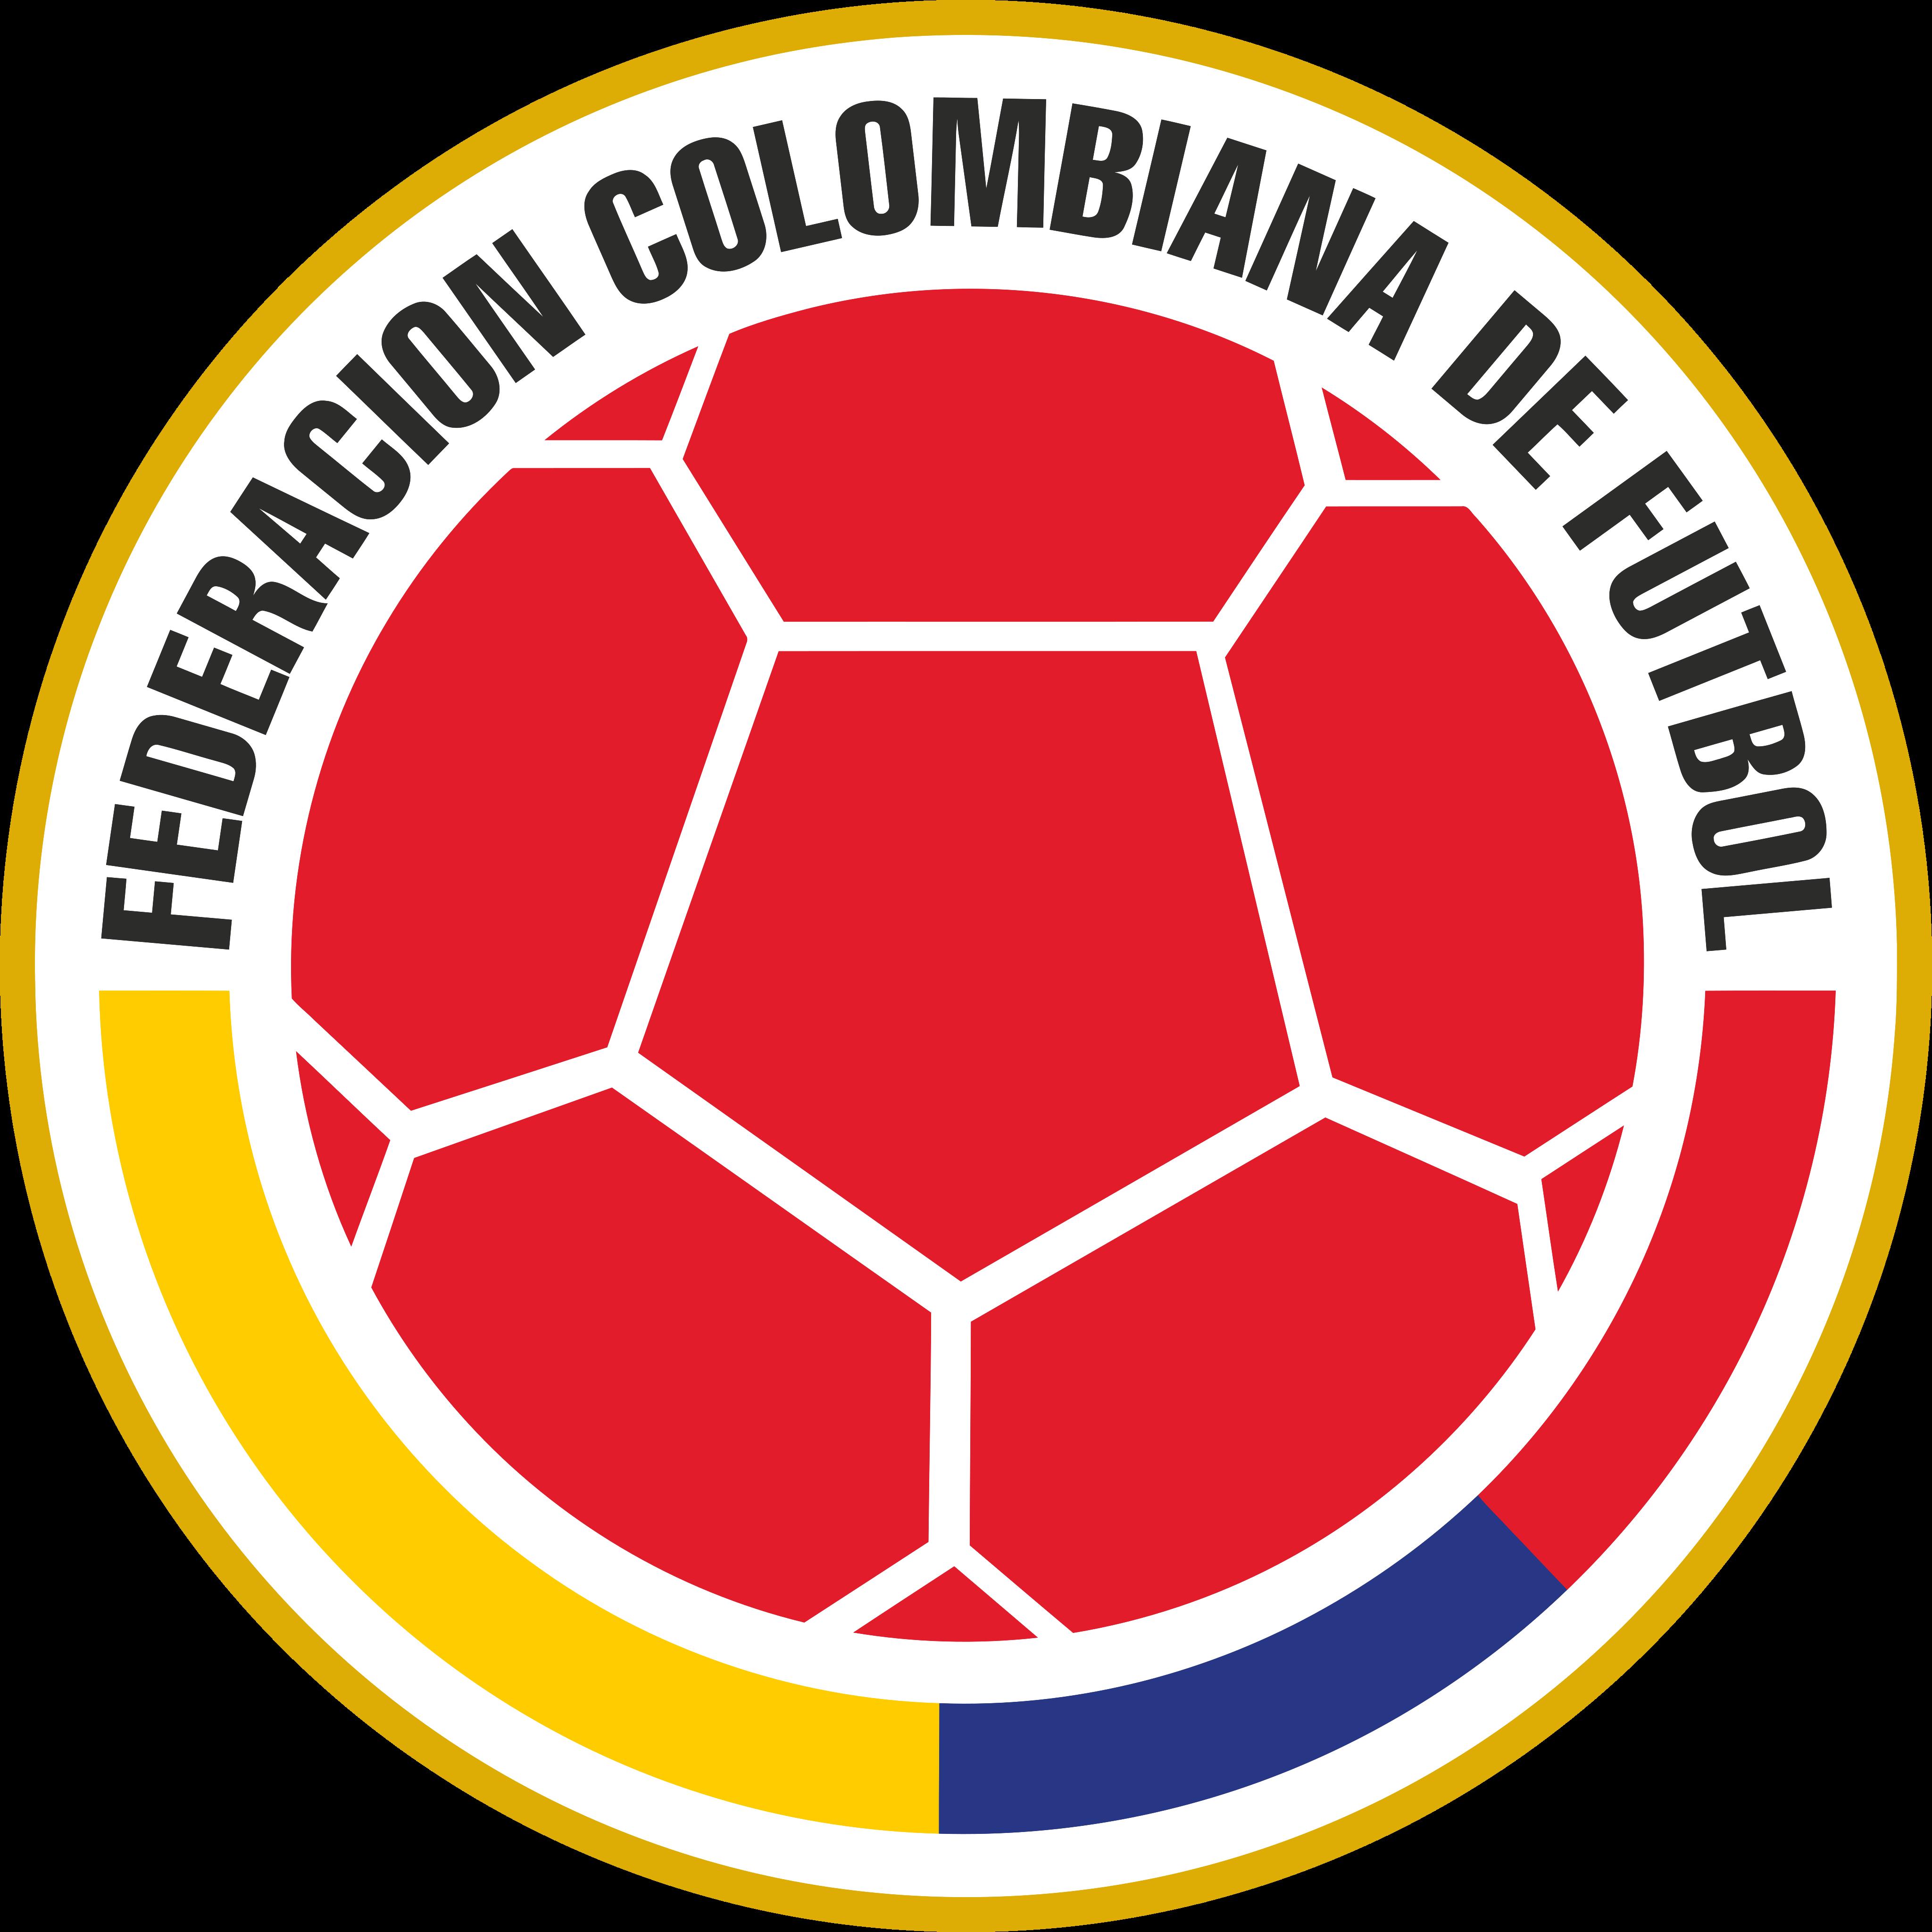 fcf seleccion de fútbol de colombia logo - FCF Logo - Colombia National Football Team Logo